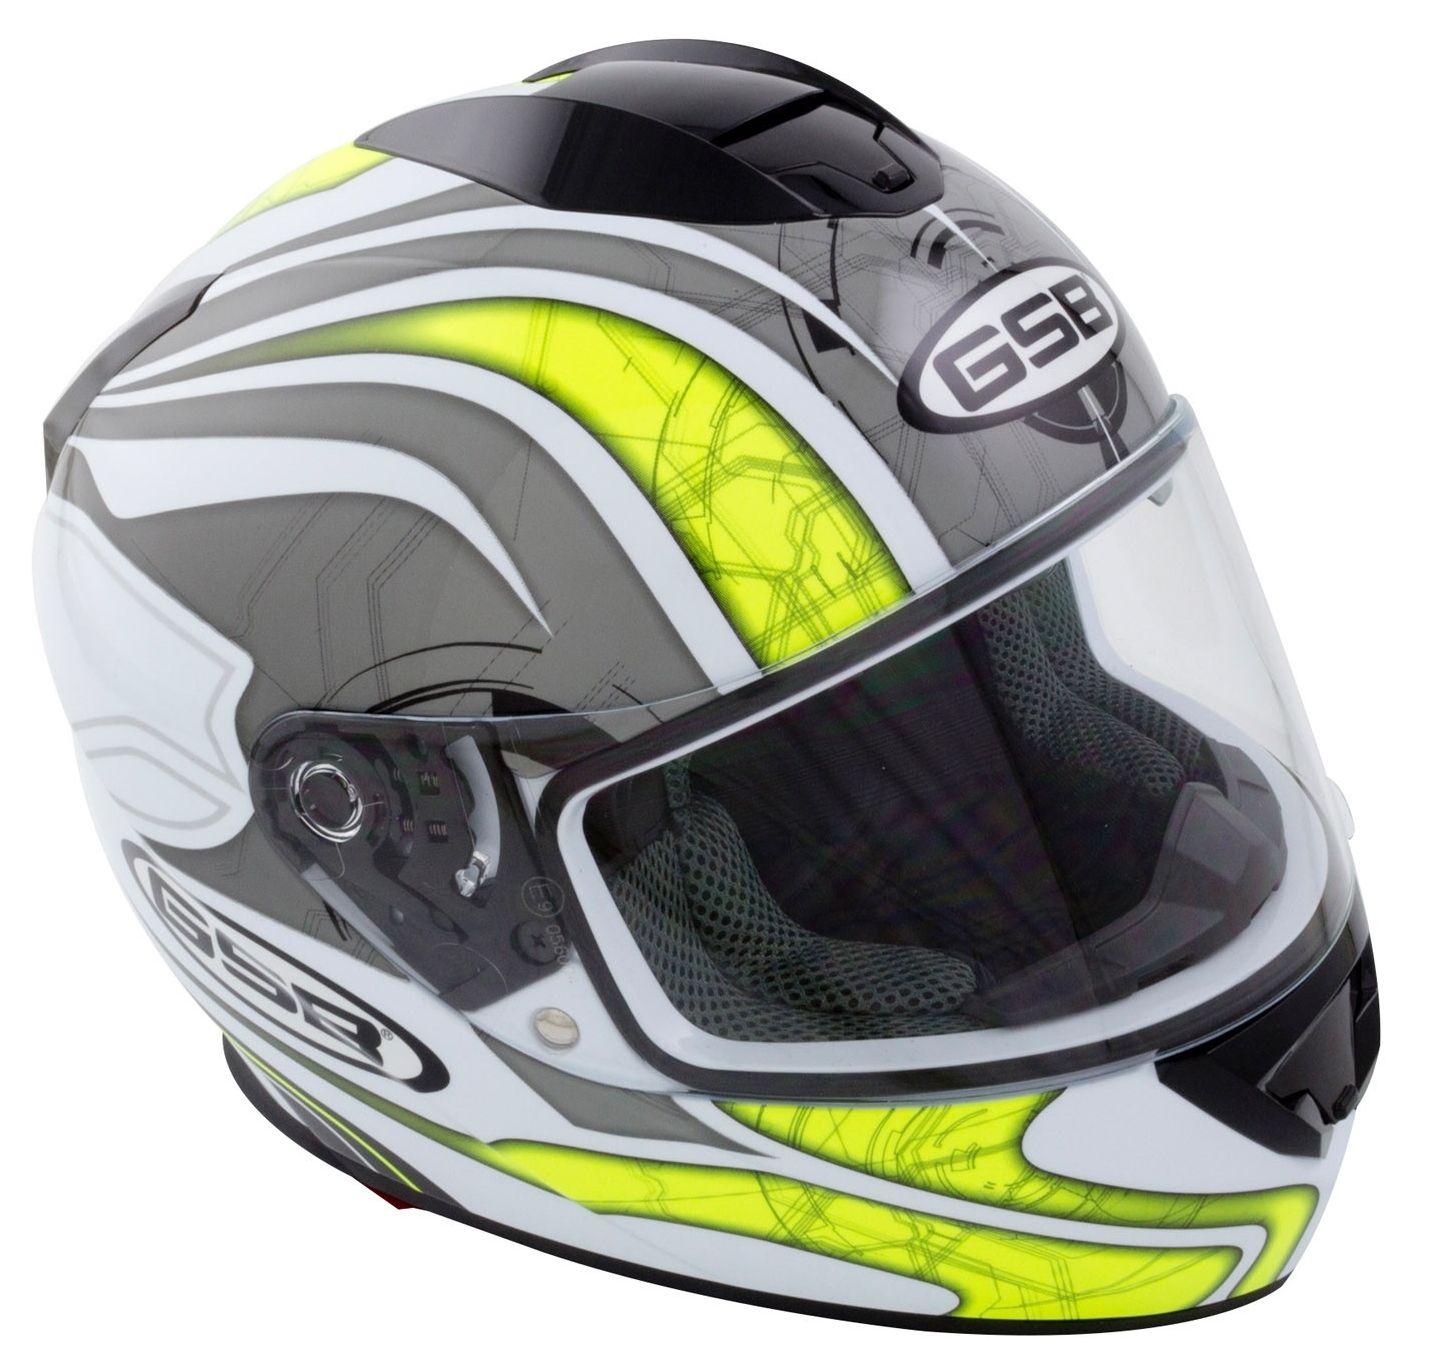 【GSB】G-350 Road 全罩是安全帽 - 「Webike-摩托百貨」